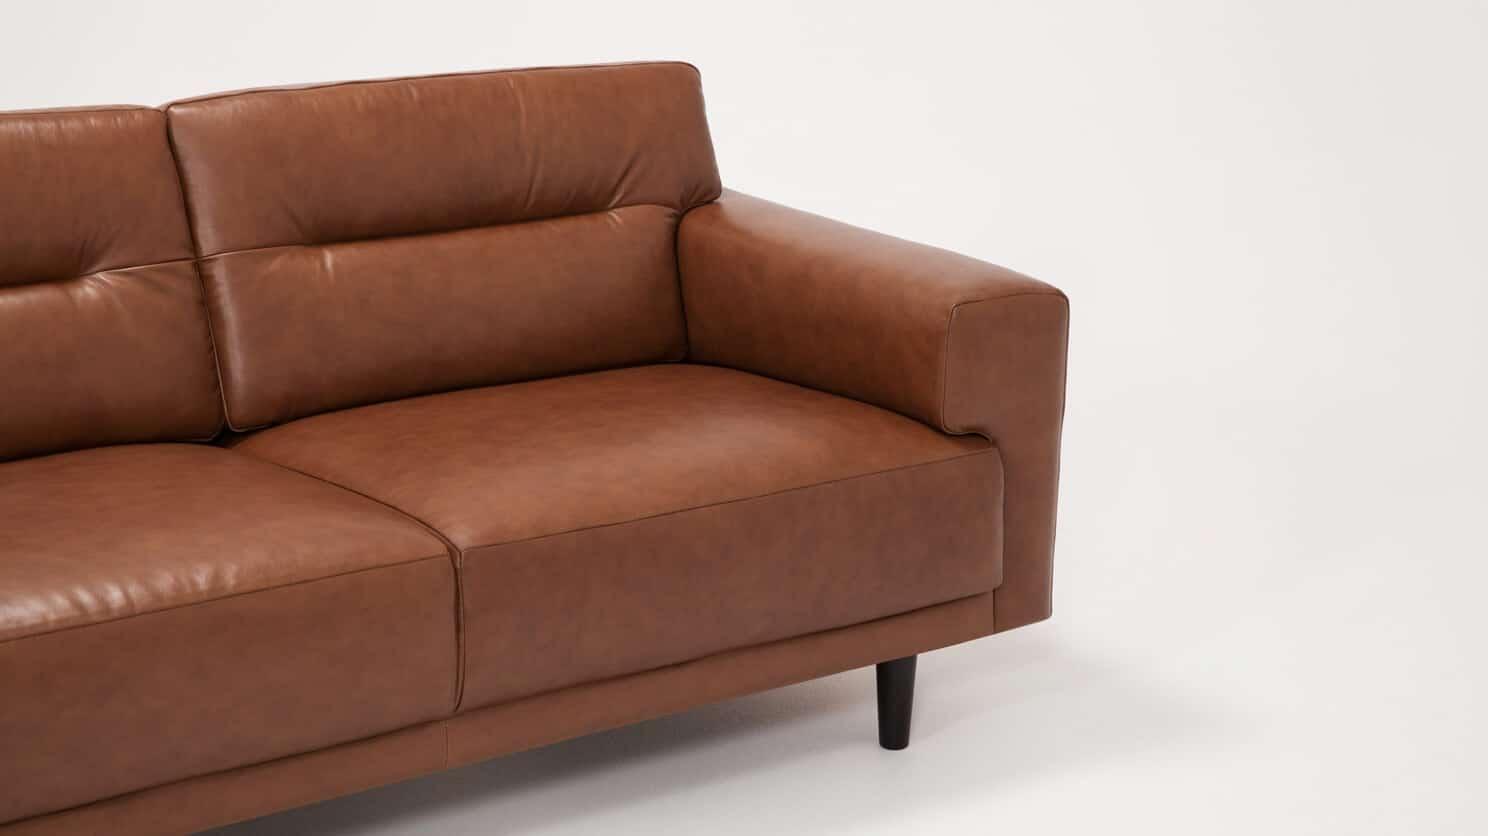 37132 s3 hp 5 sofas remi sofa classic sahara detail 03